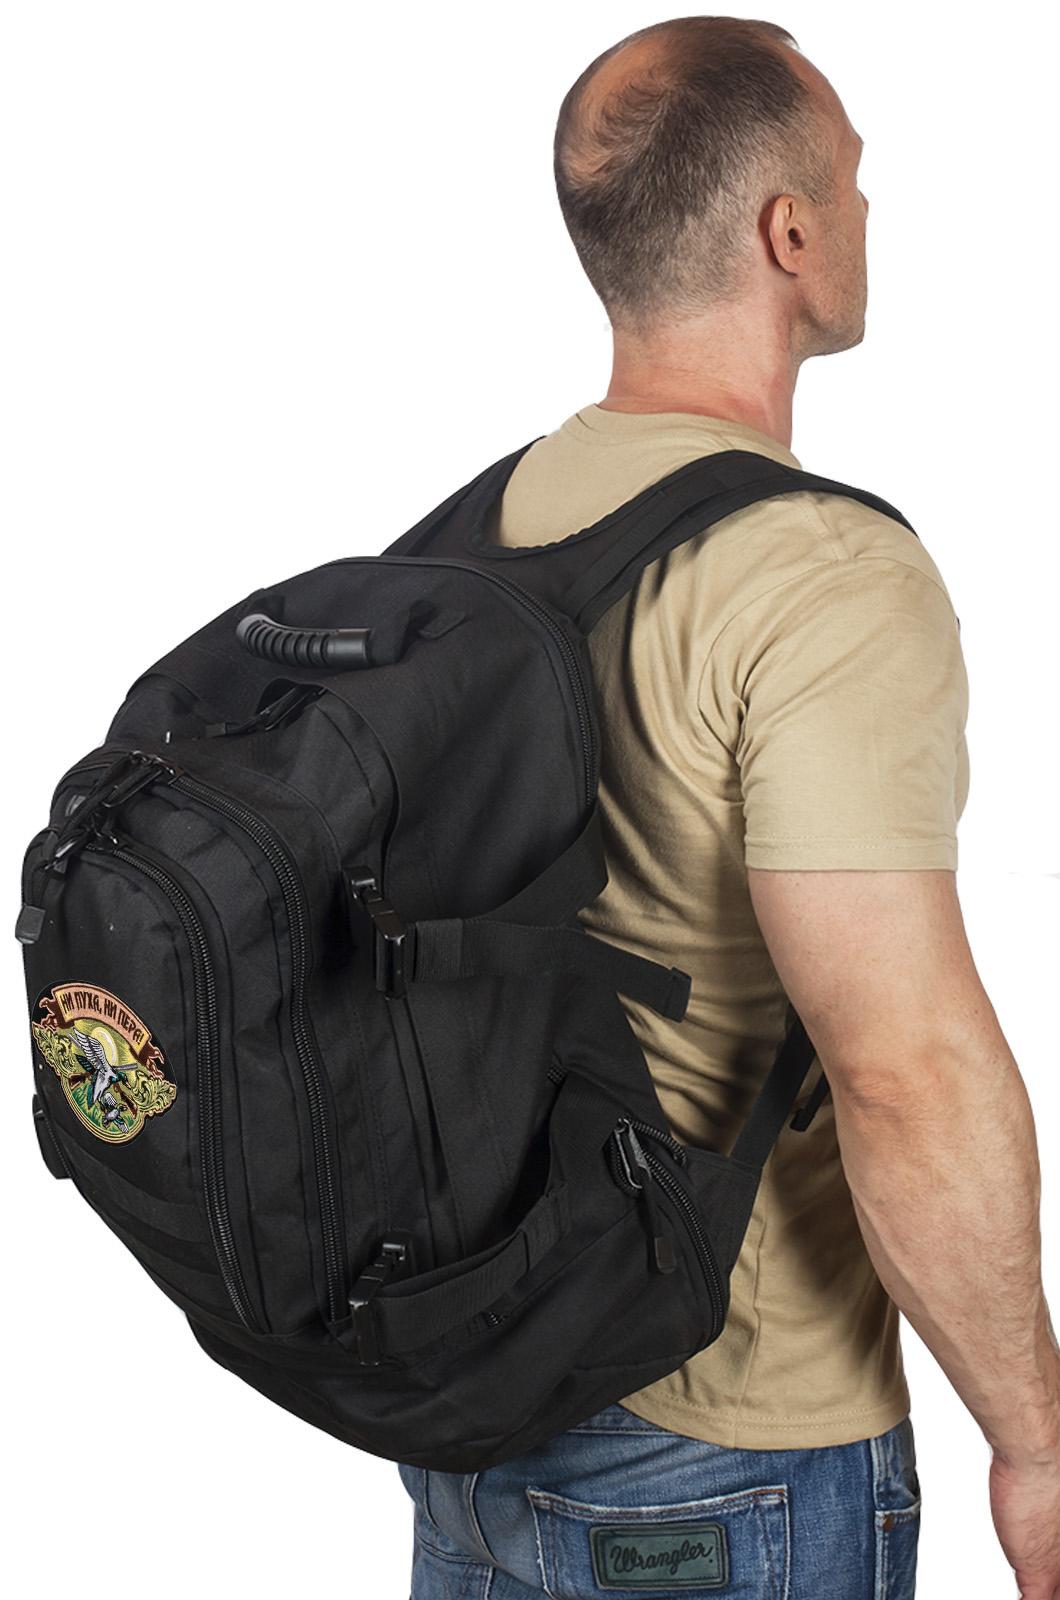 Универсальный охотничий рюкзак с нашивкой Ни Пуха ни Пера - купить оптом